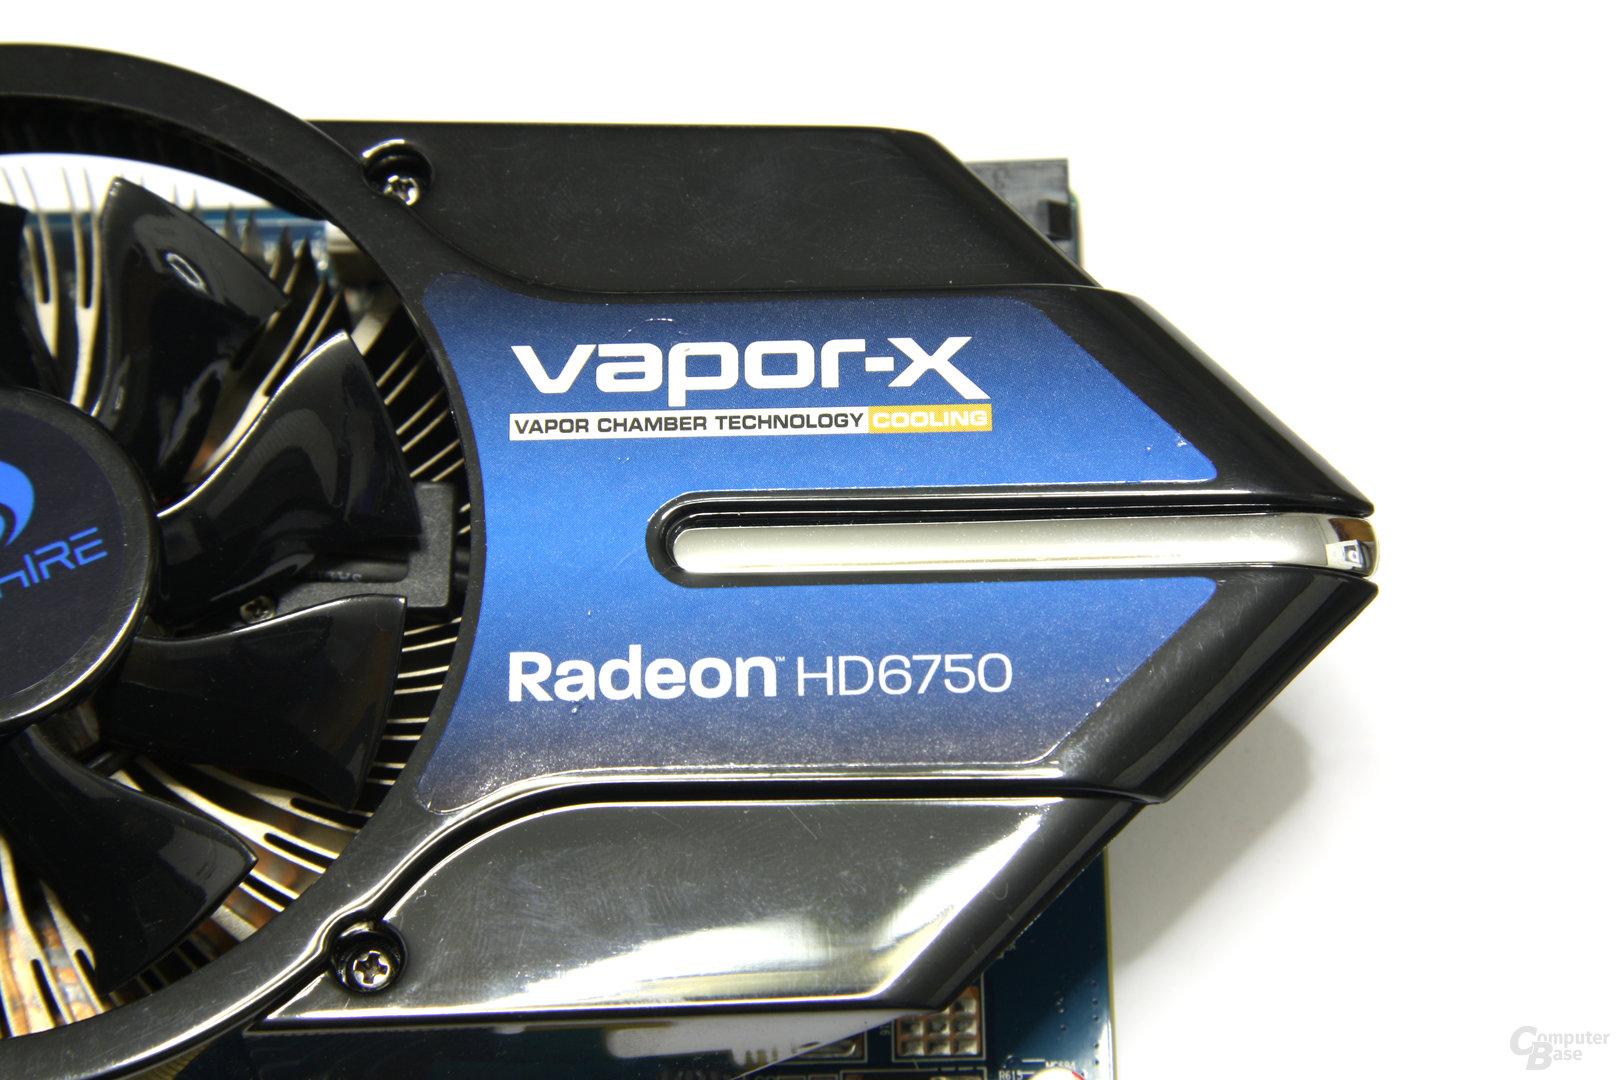 Radeon HD 6750 Vapor-X Schriftzug